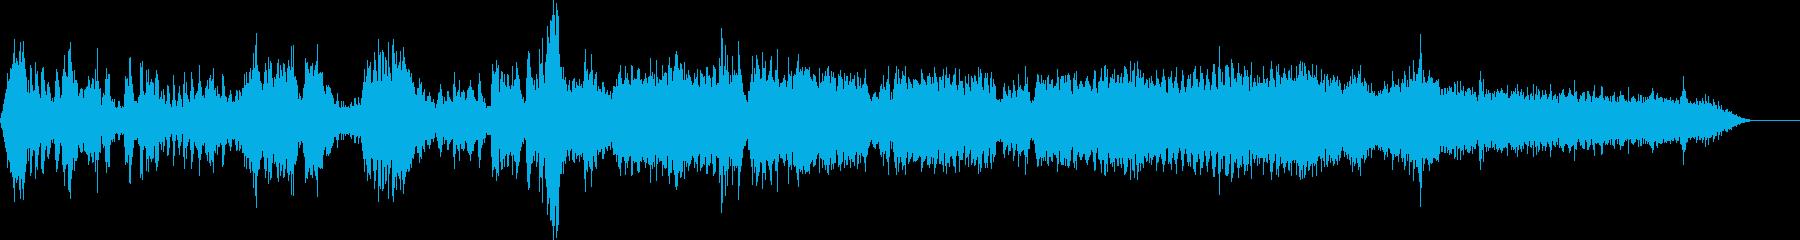 交通警察のサイレン-サイレン-PA1の再生済みの波形